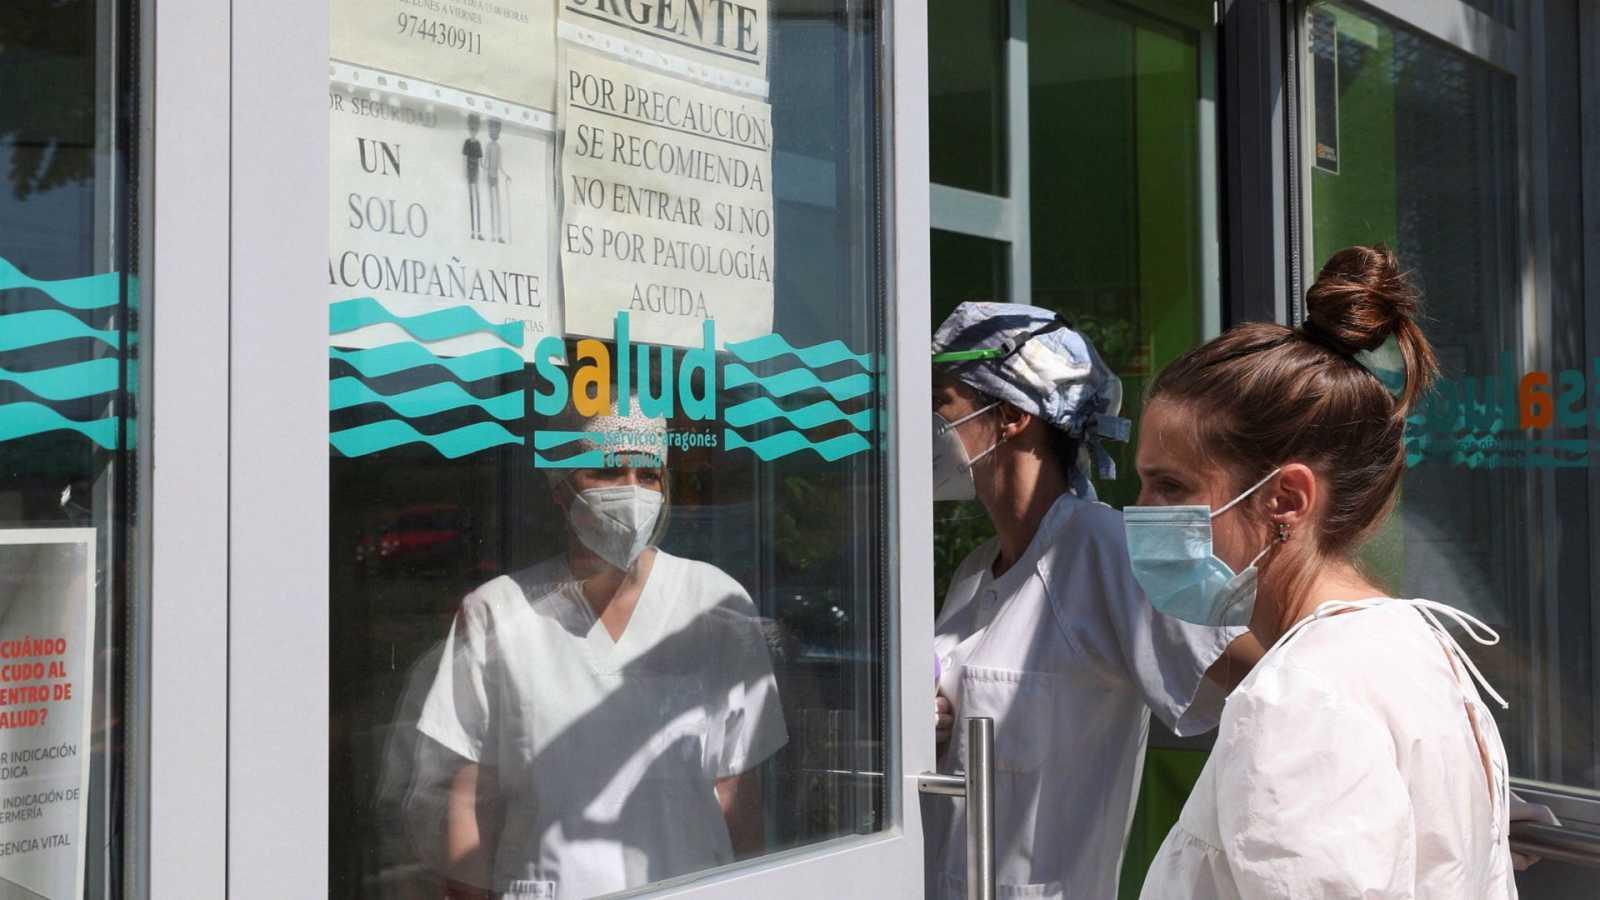 14 horas - El mapa de los rebrotes en España: 15 comunidades con focos de coronavirus - Escuchar ahora